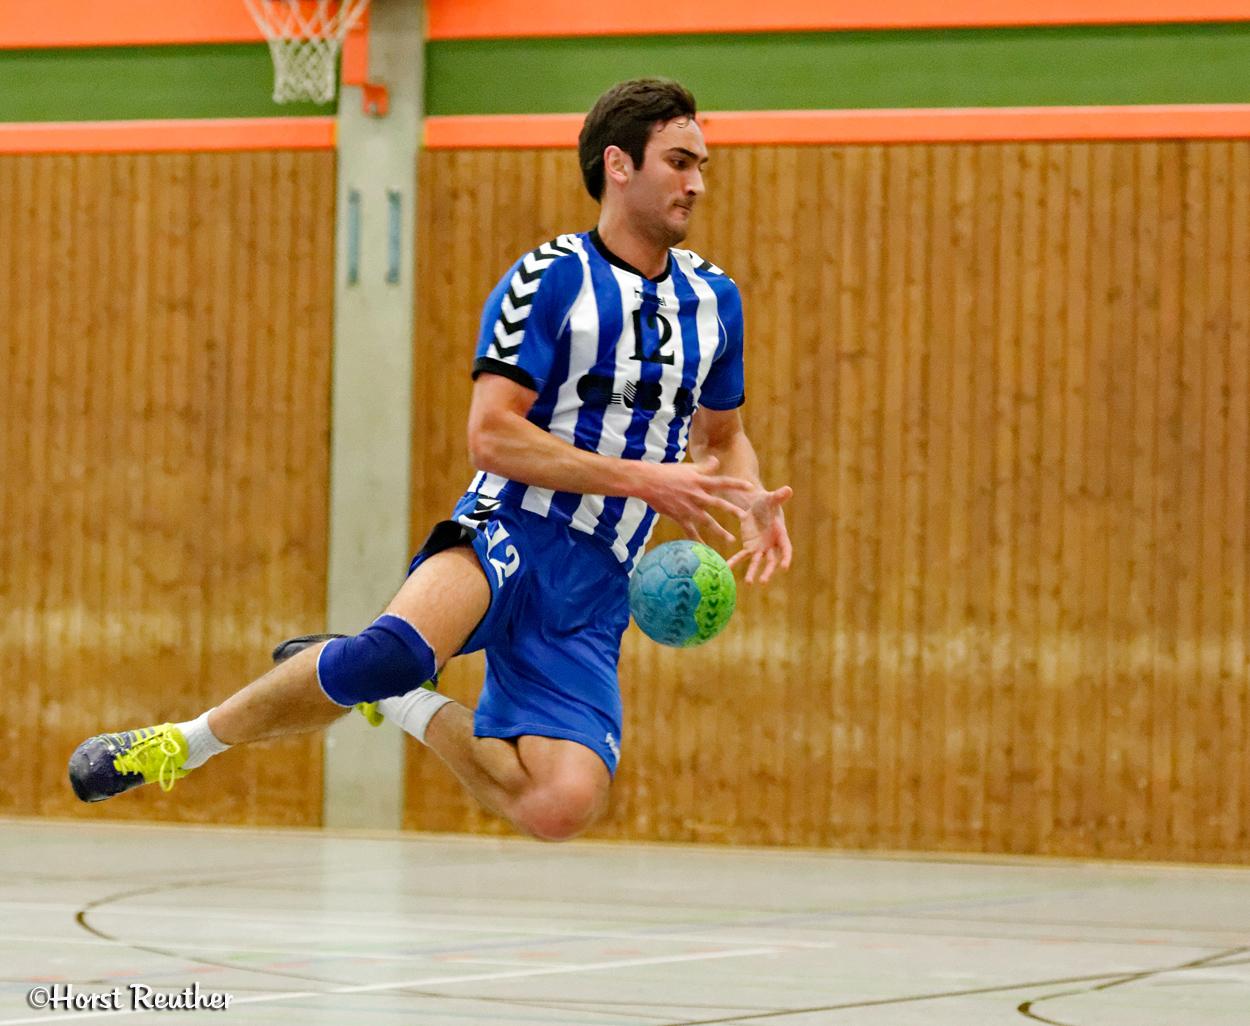 Ein klassischer Sprung beim Handball.